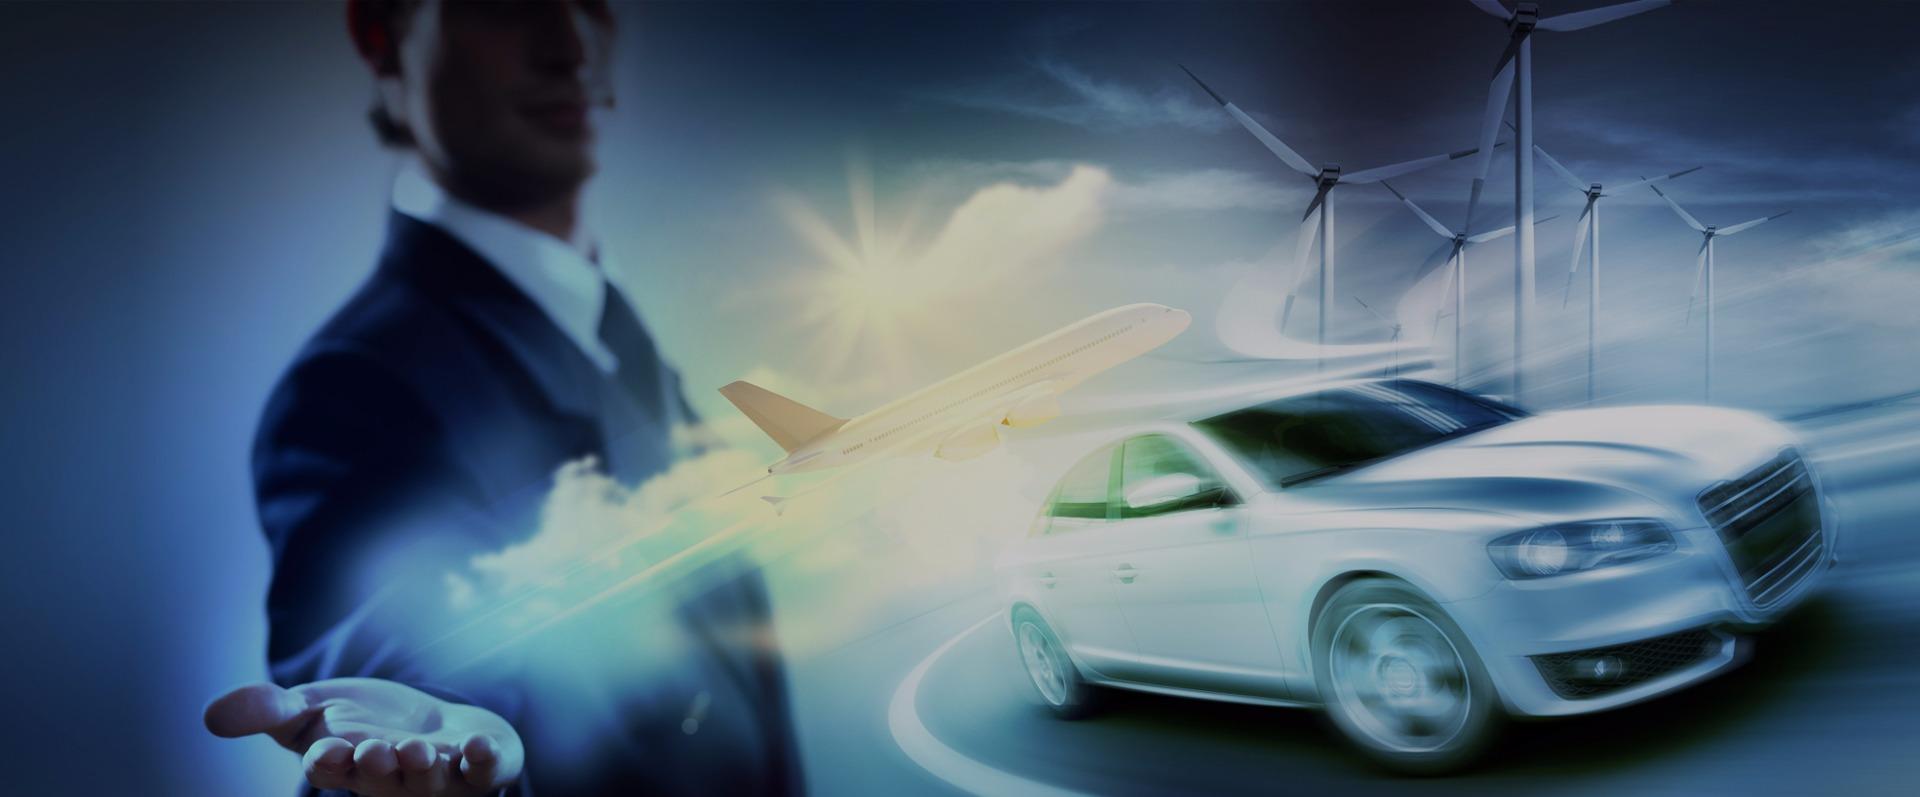 automoción, industria, aeronáutica